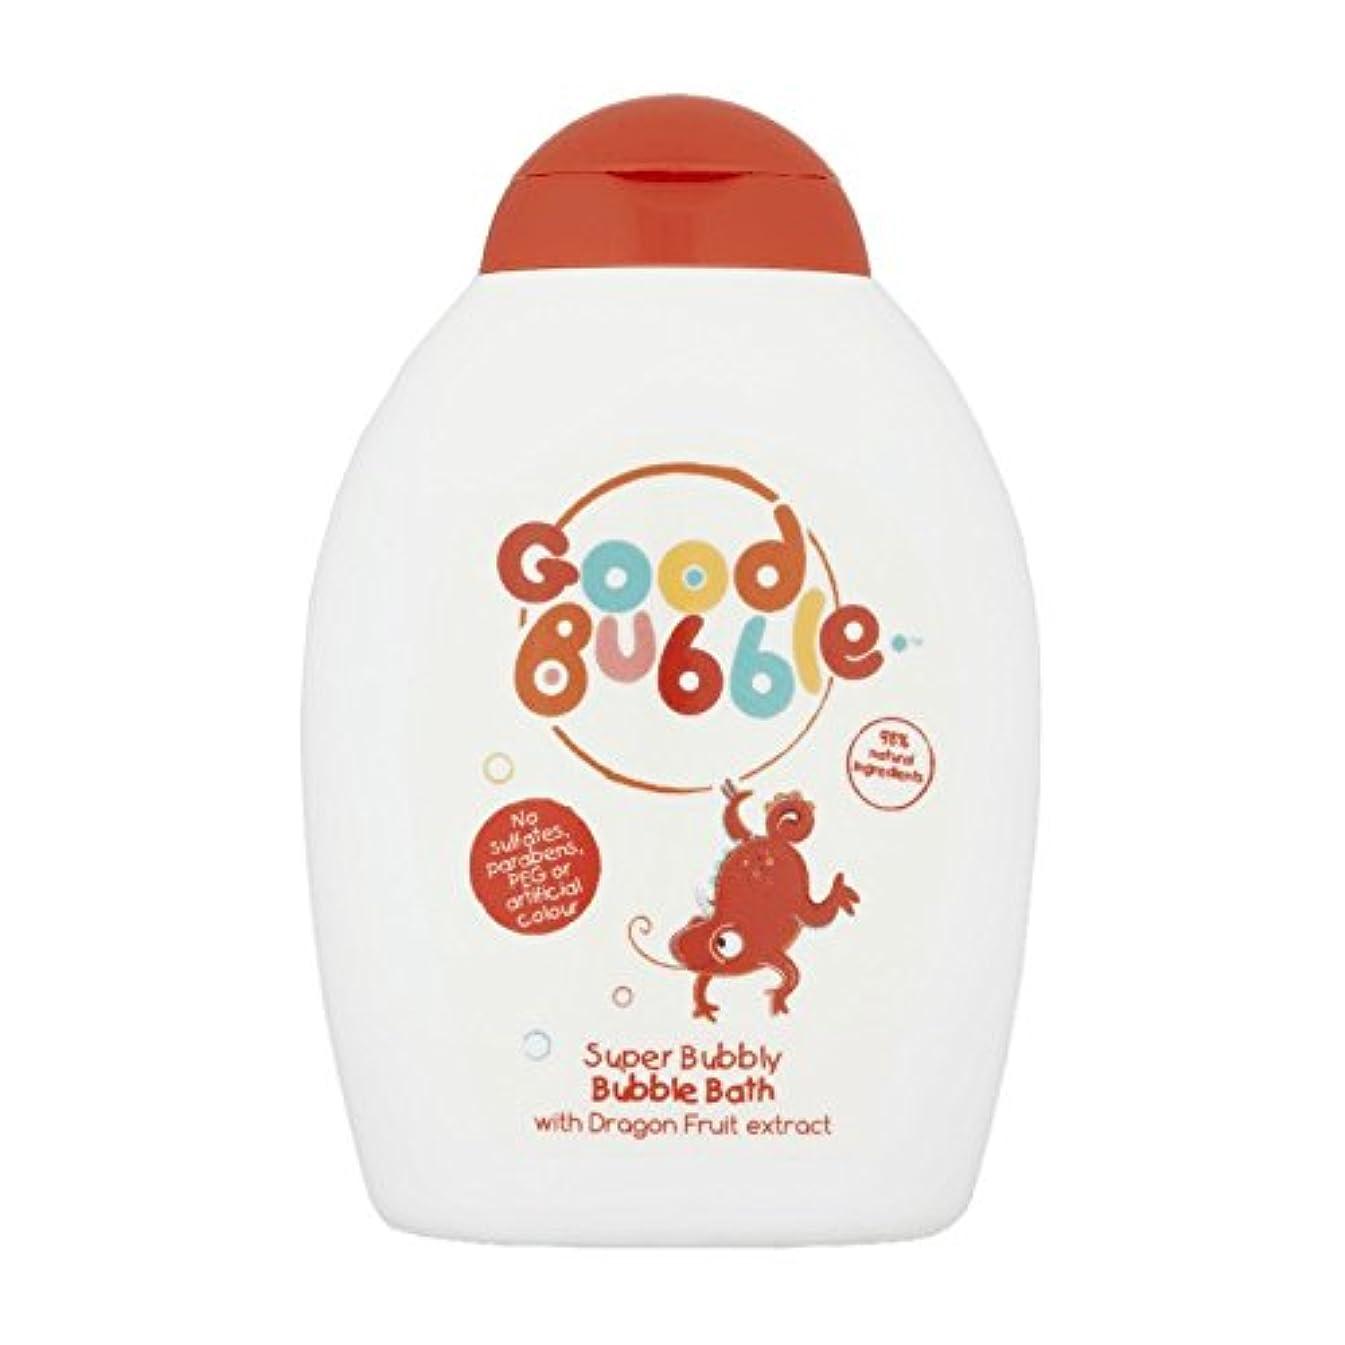 形成有限コンベンションGood Bubble Dragon Fruit Bubble Bath 400ml (Pack of 2) - 良いバブルドラゴンフルーツバブルバス400ミリリットル (x2) [並行輸入品]